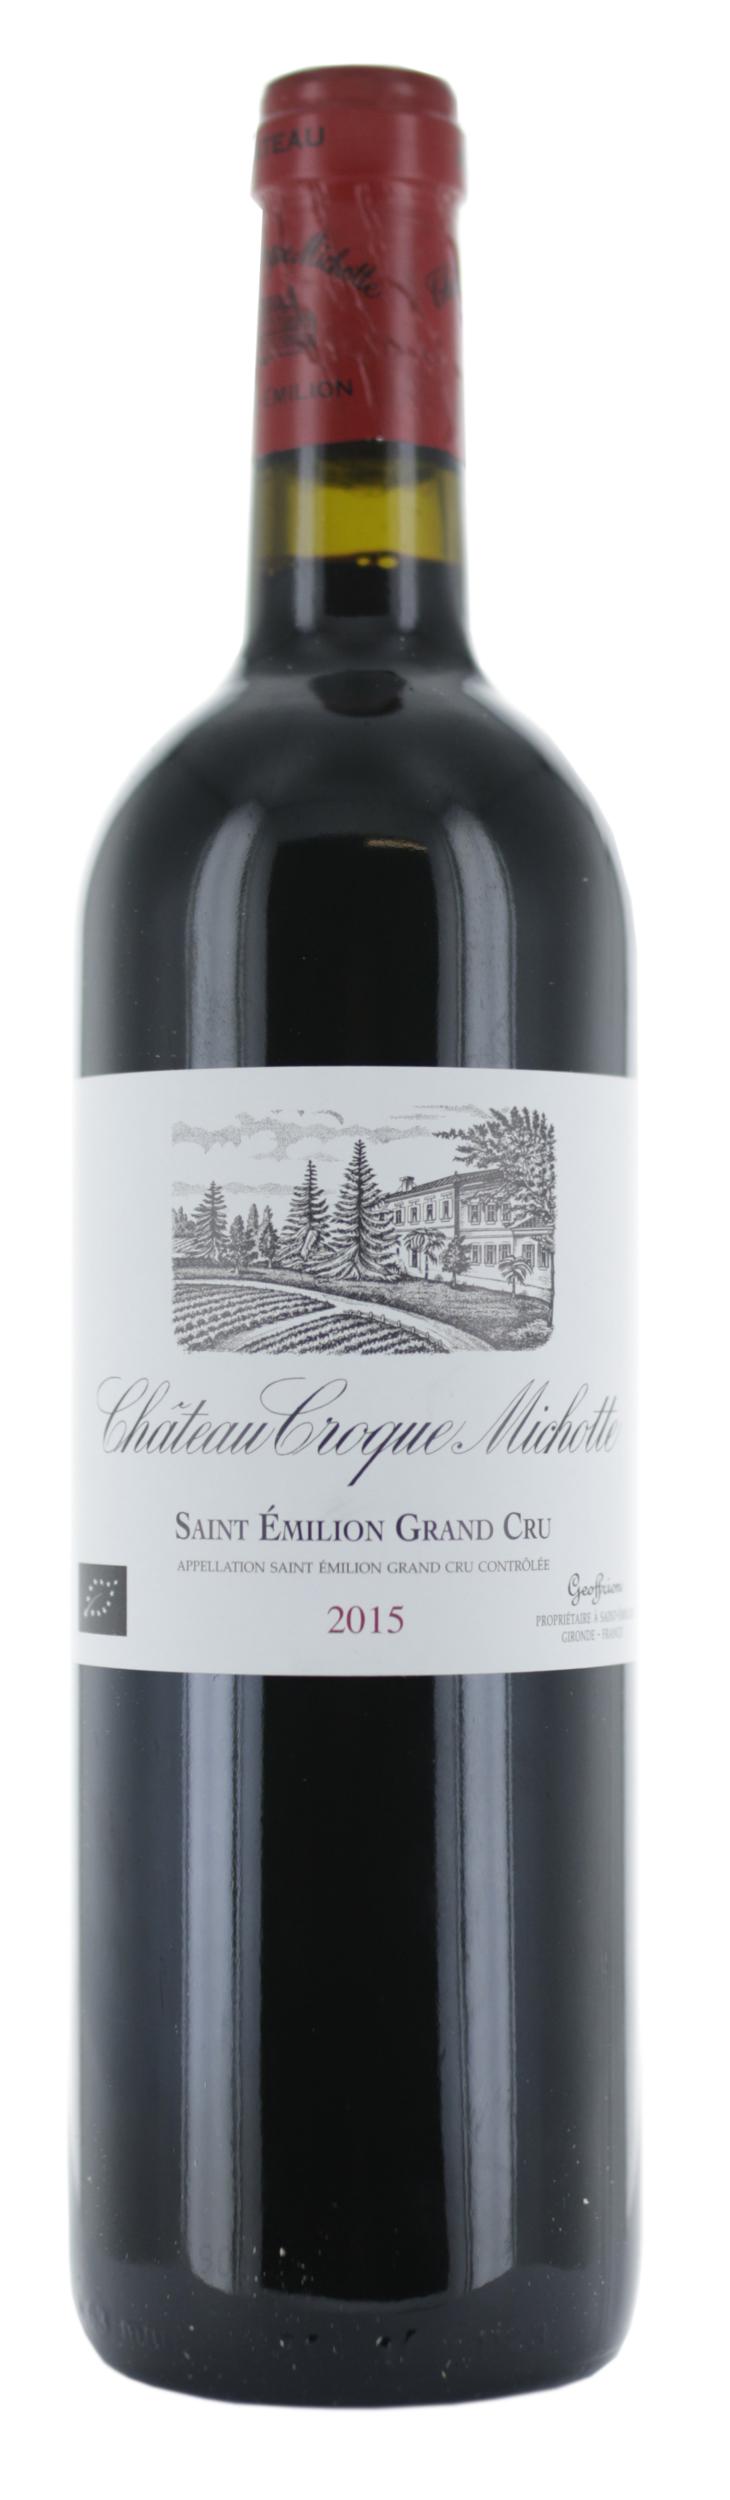 Saint Emilion Grand Cru - Château Croque-Michotte - 2015 - BIO